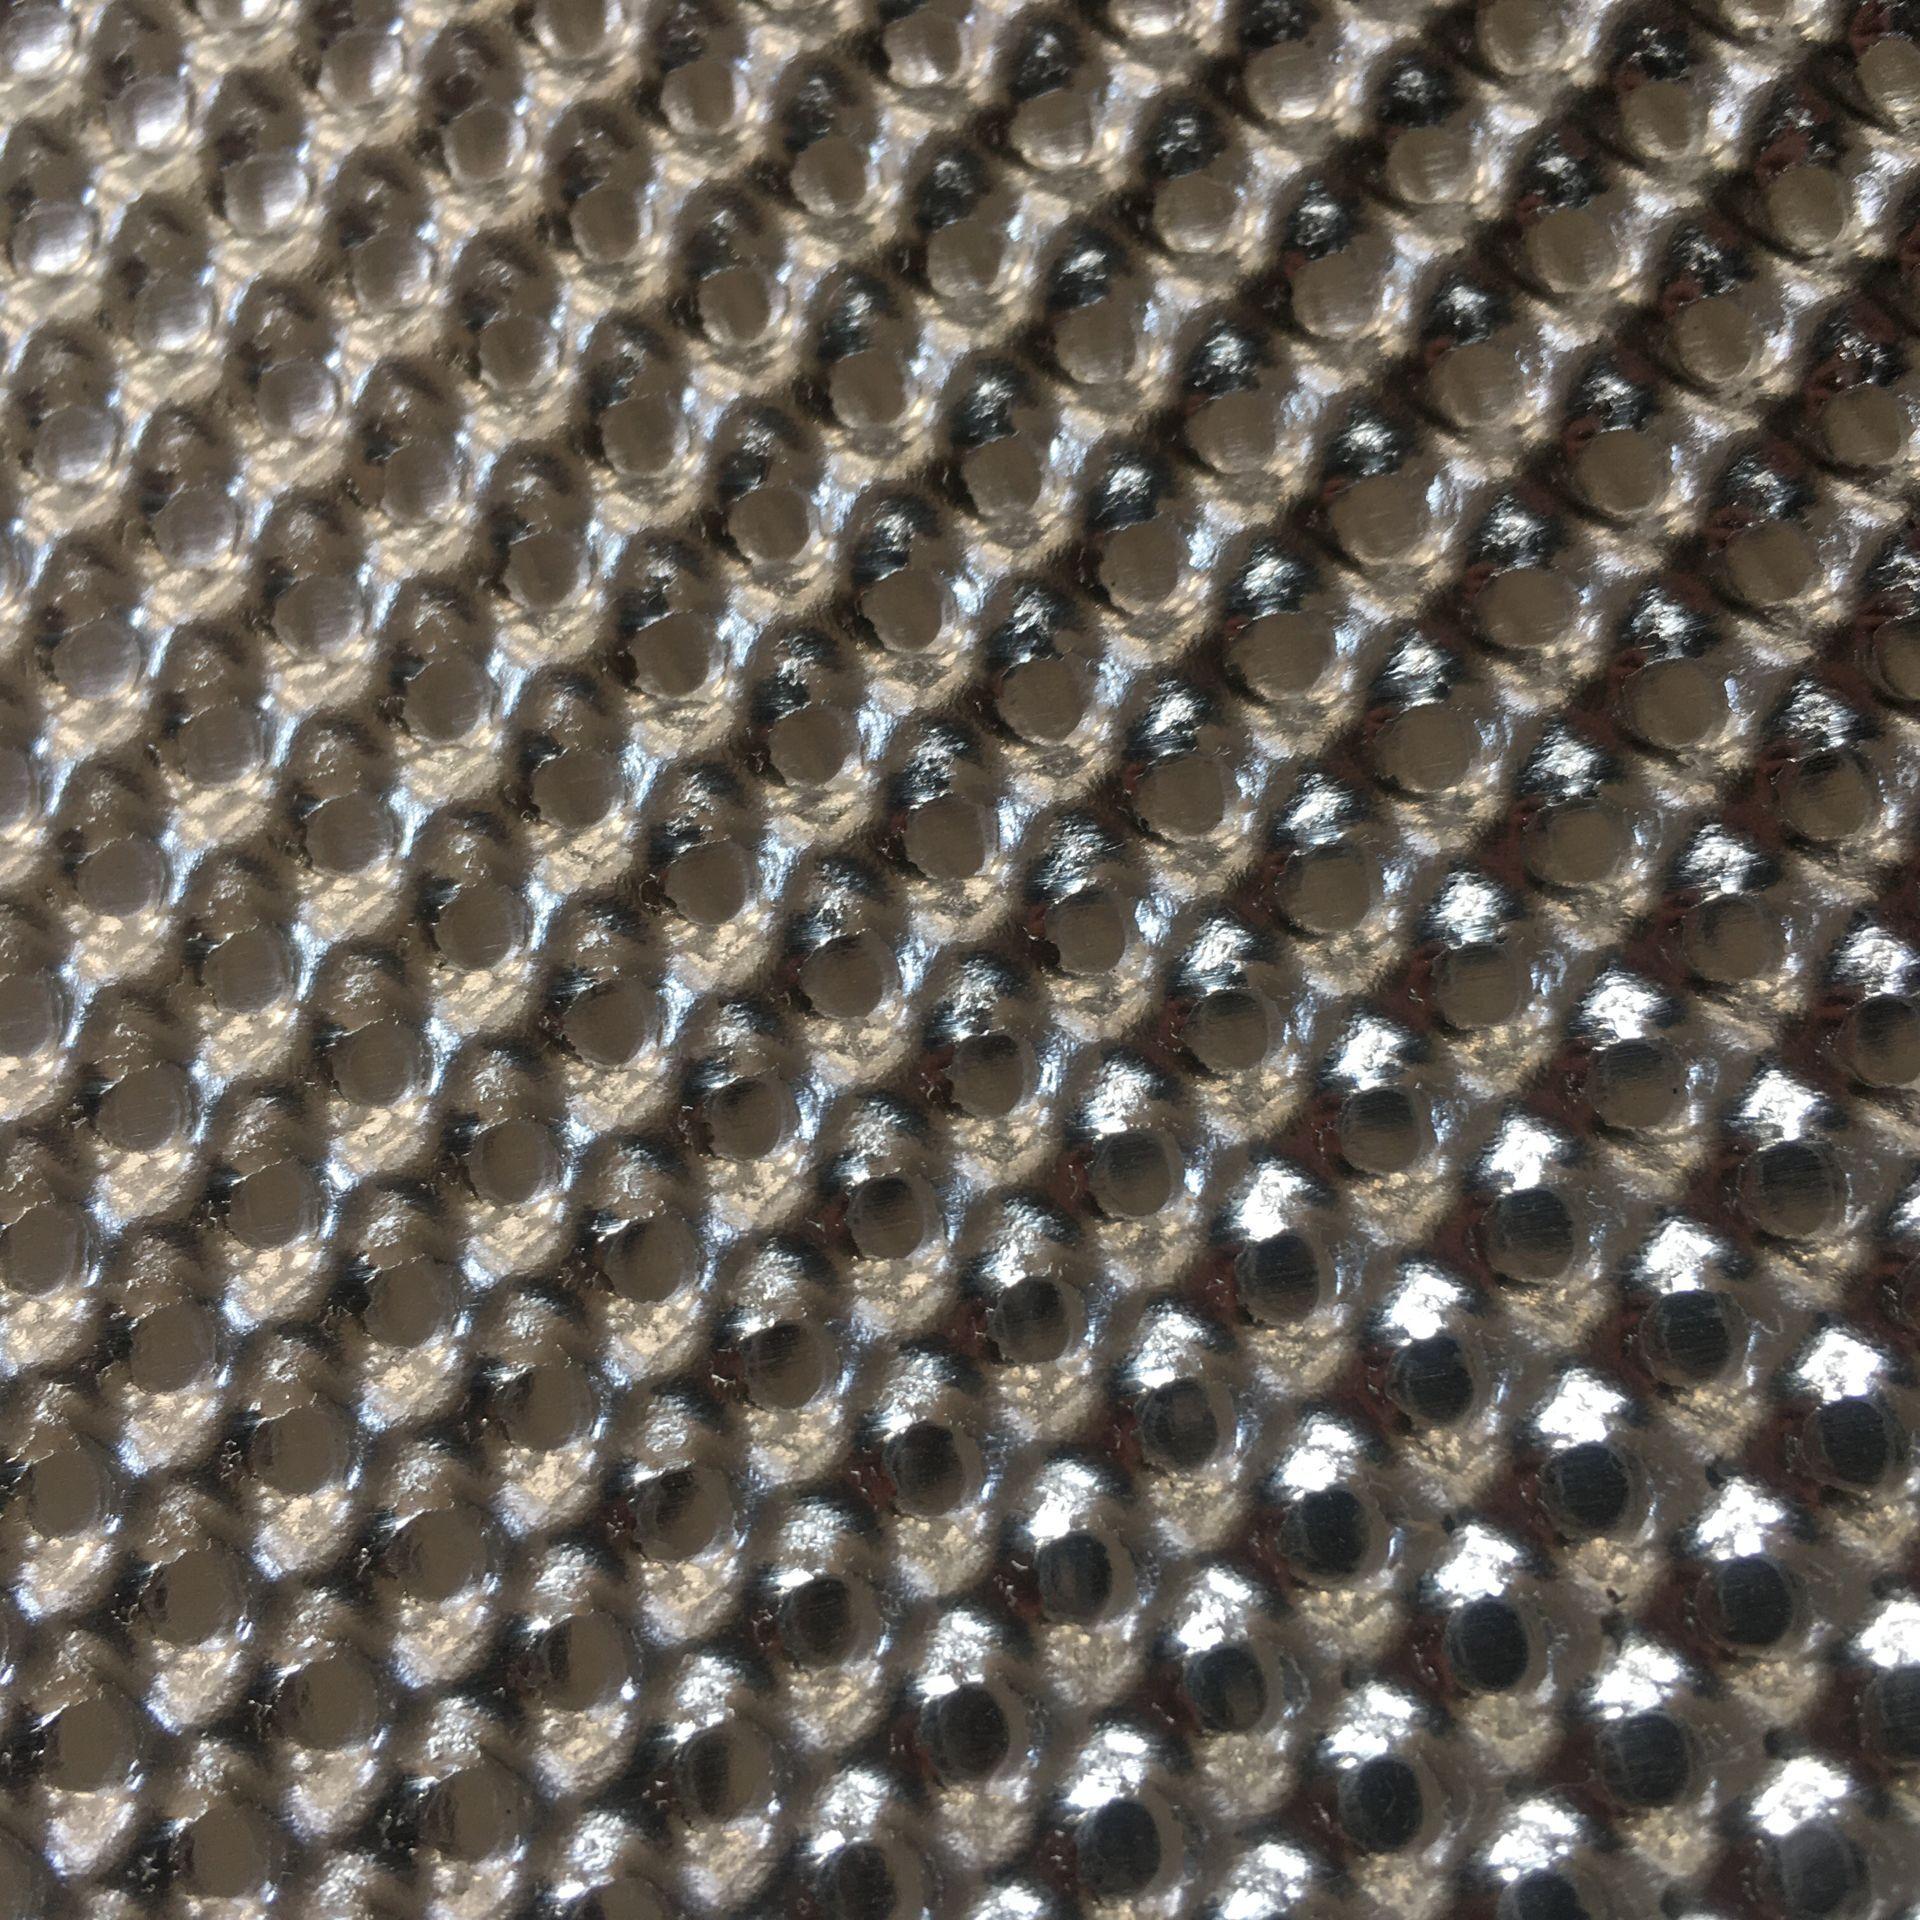 1060半球汽车底盘软铝隔热板 恒诚铝业生产汽车隔热铝板